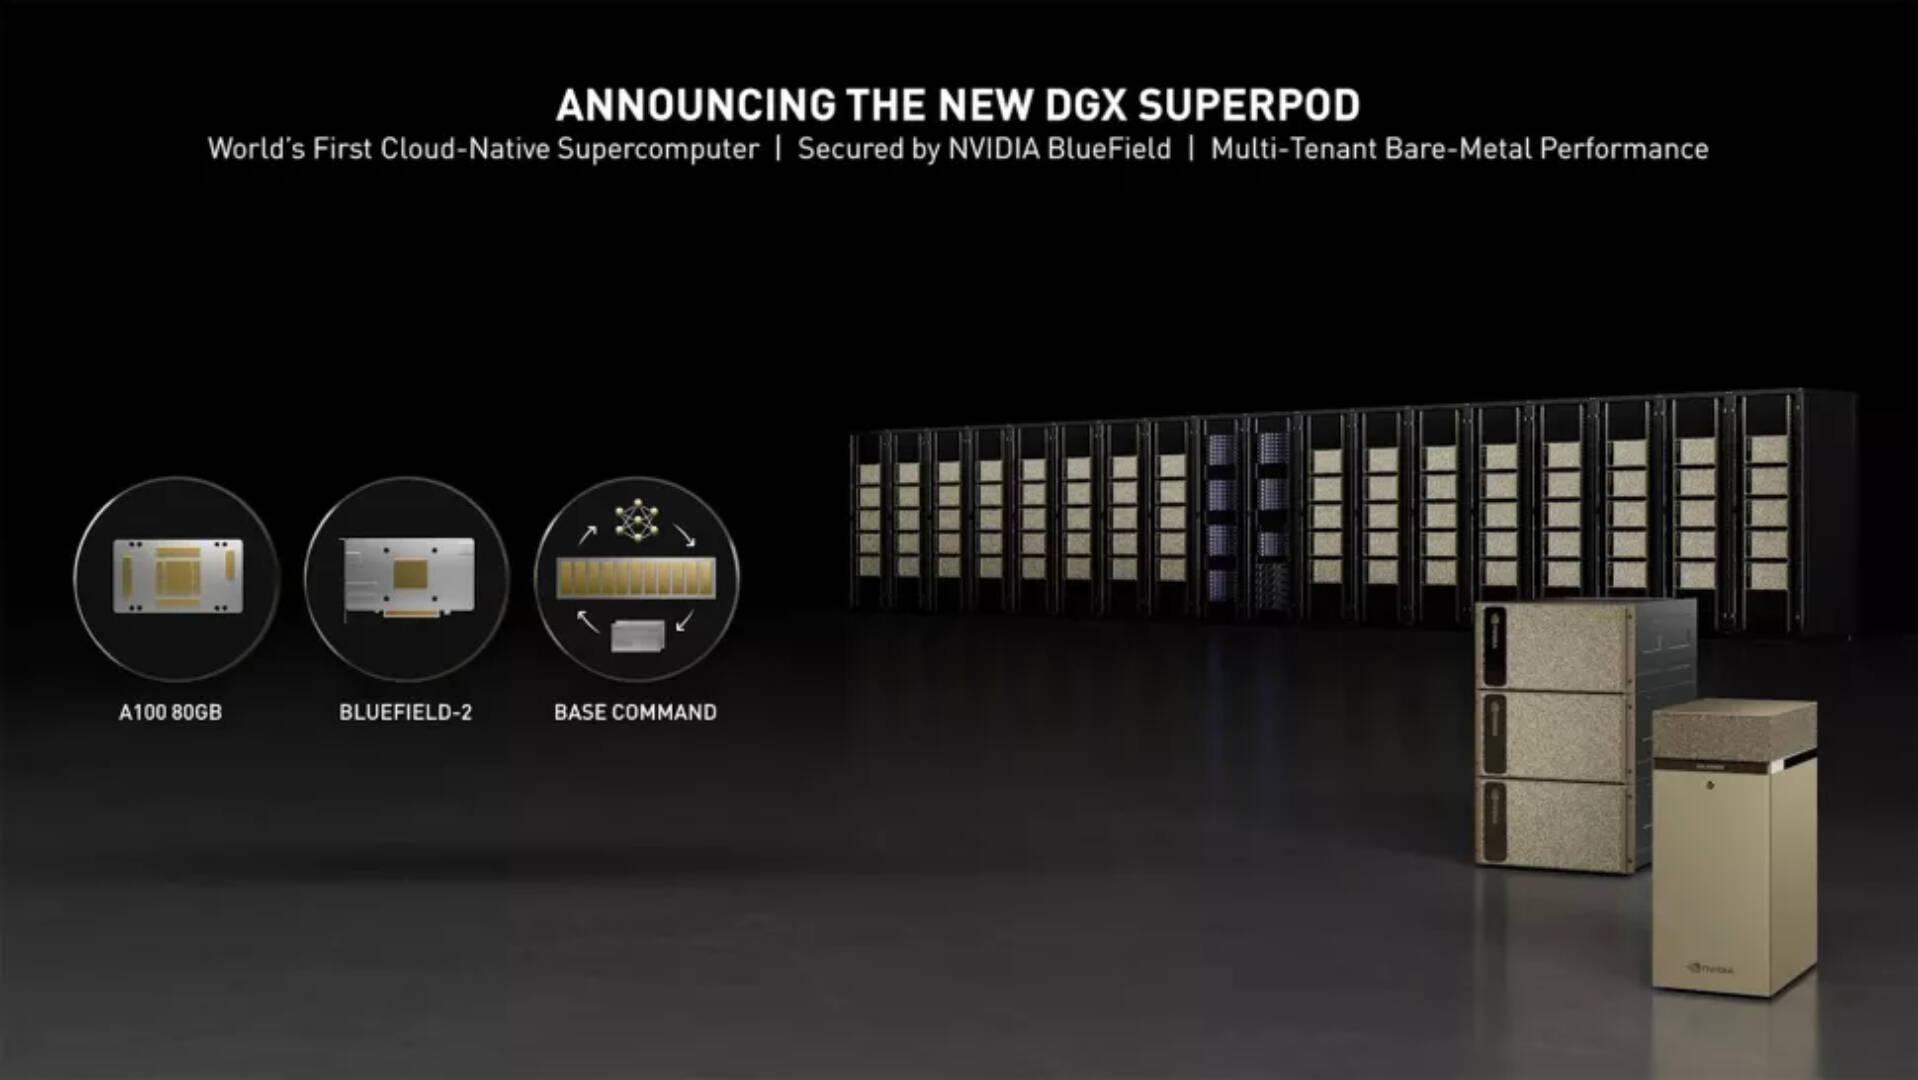 NVIDIA DGX Superpod